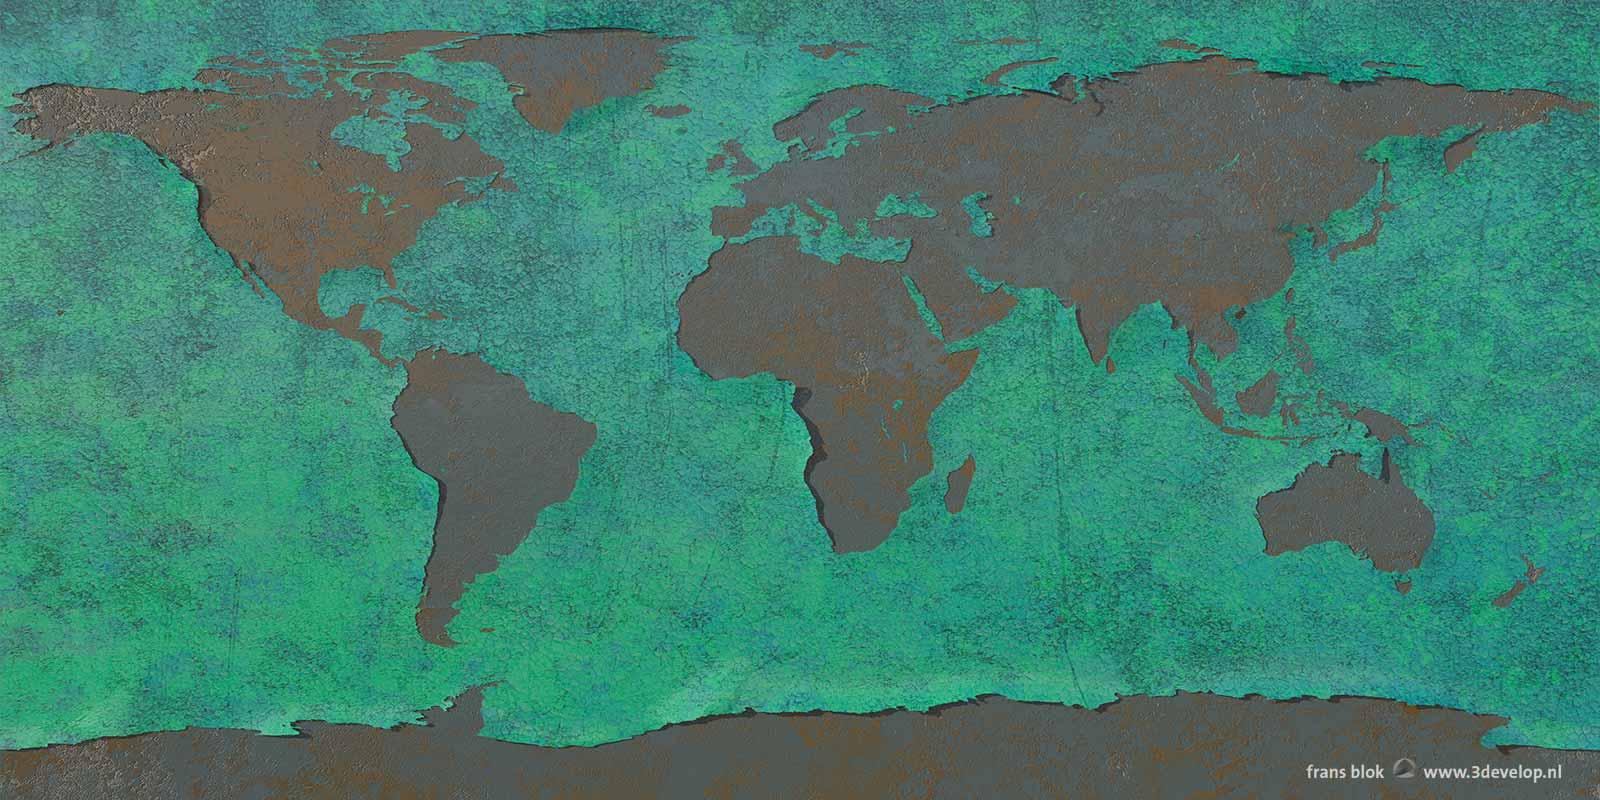 Oude muur met afbladderende blauwgroene verf met daarin de continenten uitgespaard.